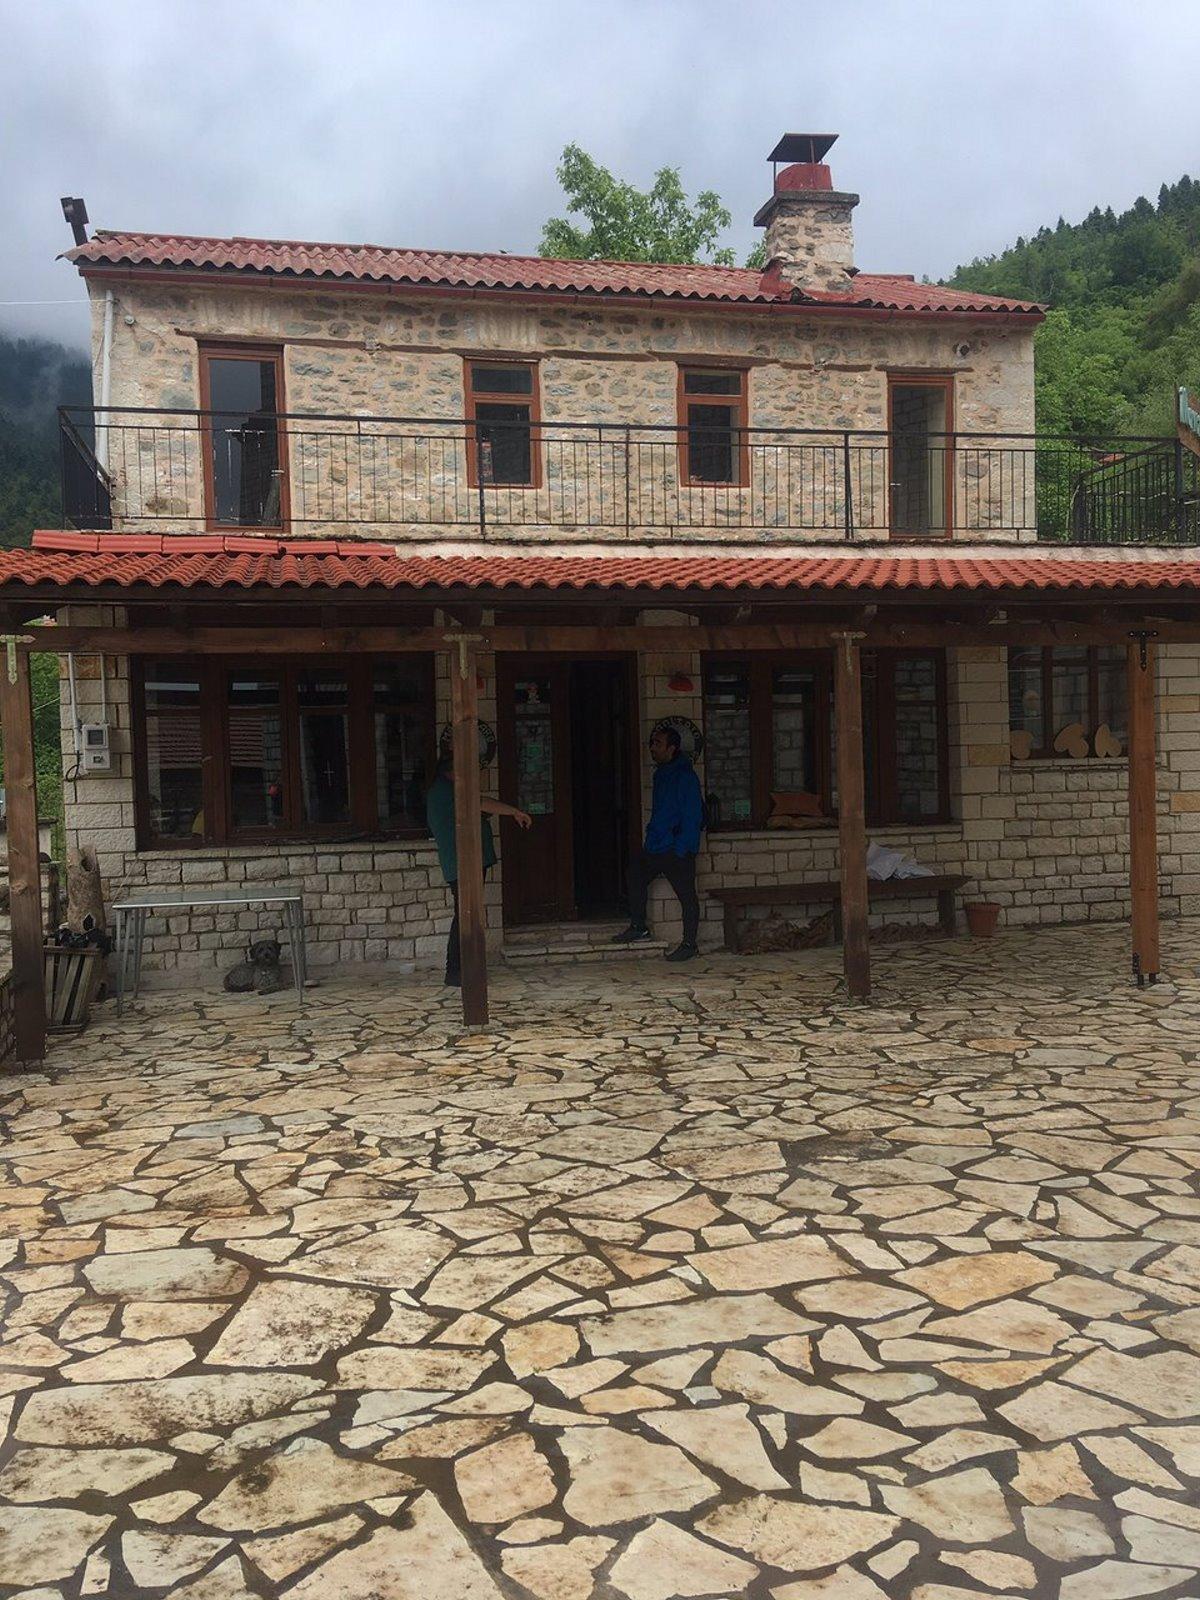 καρπενήσι κουκλίστικο χωριό βούτυρο πέτρινα κτήρια